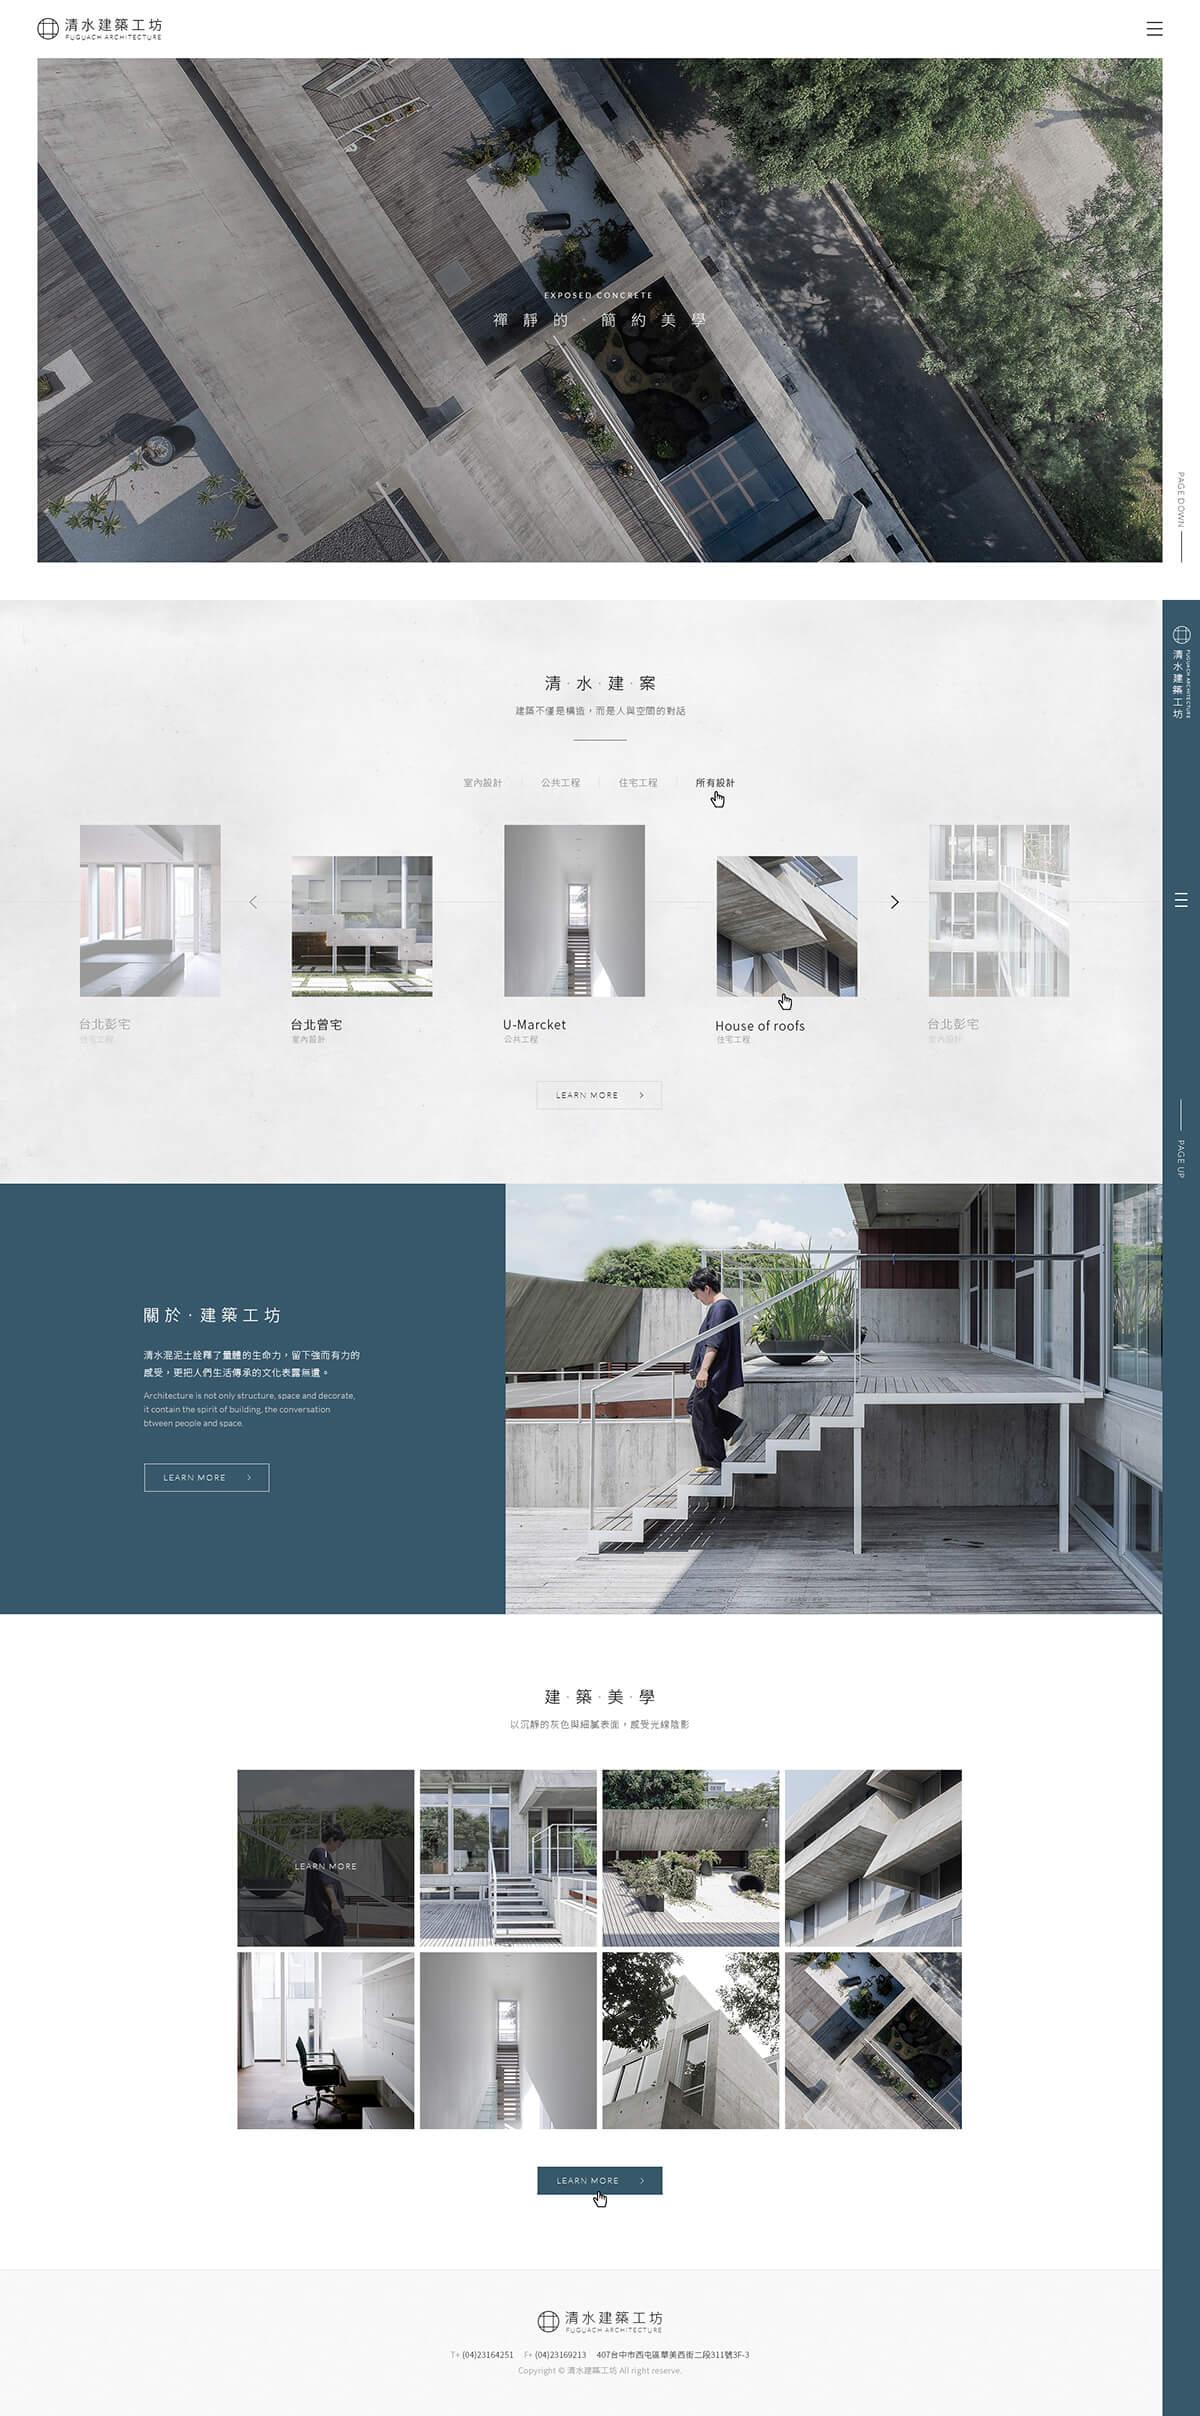 清水建築工坊-網頁設計